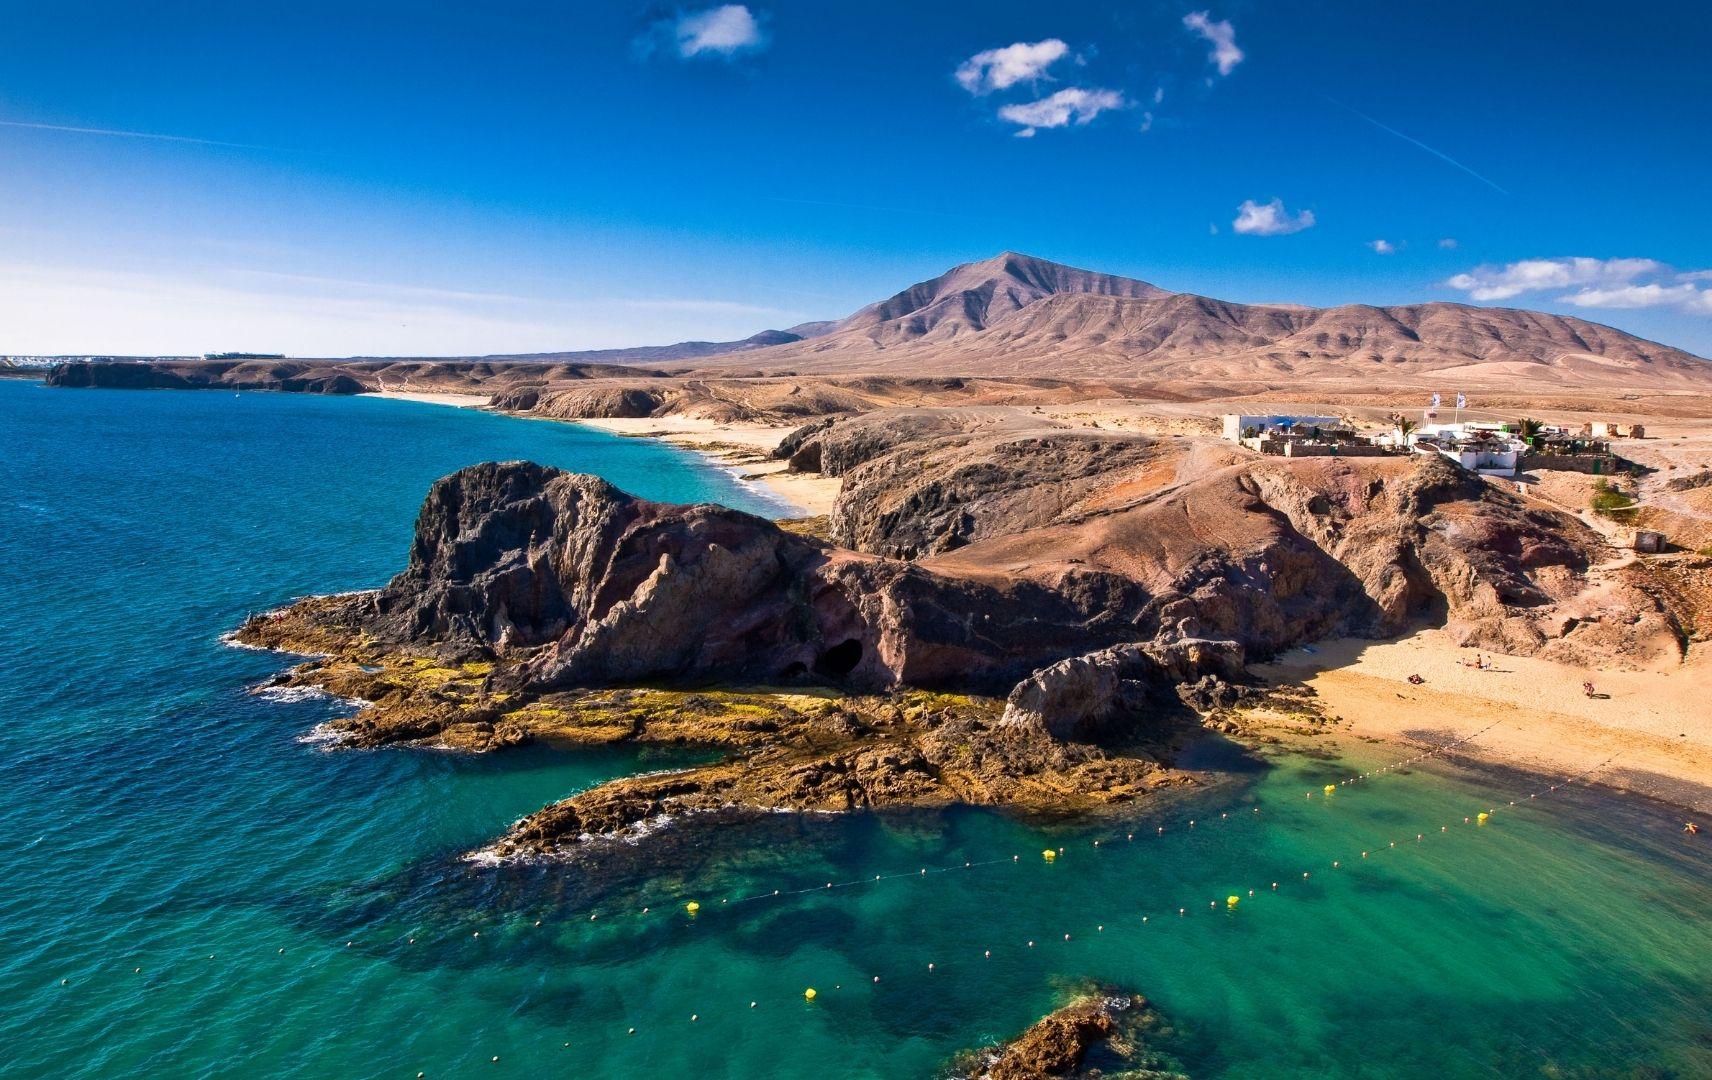 Kanarische Inseln - Lanzarote Landschaft und Meer